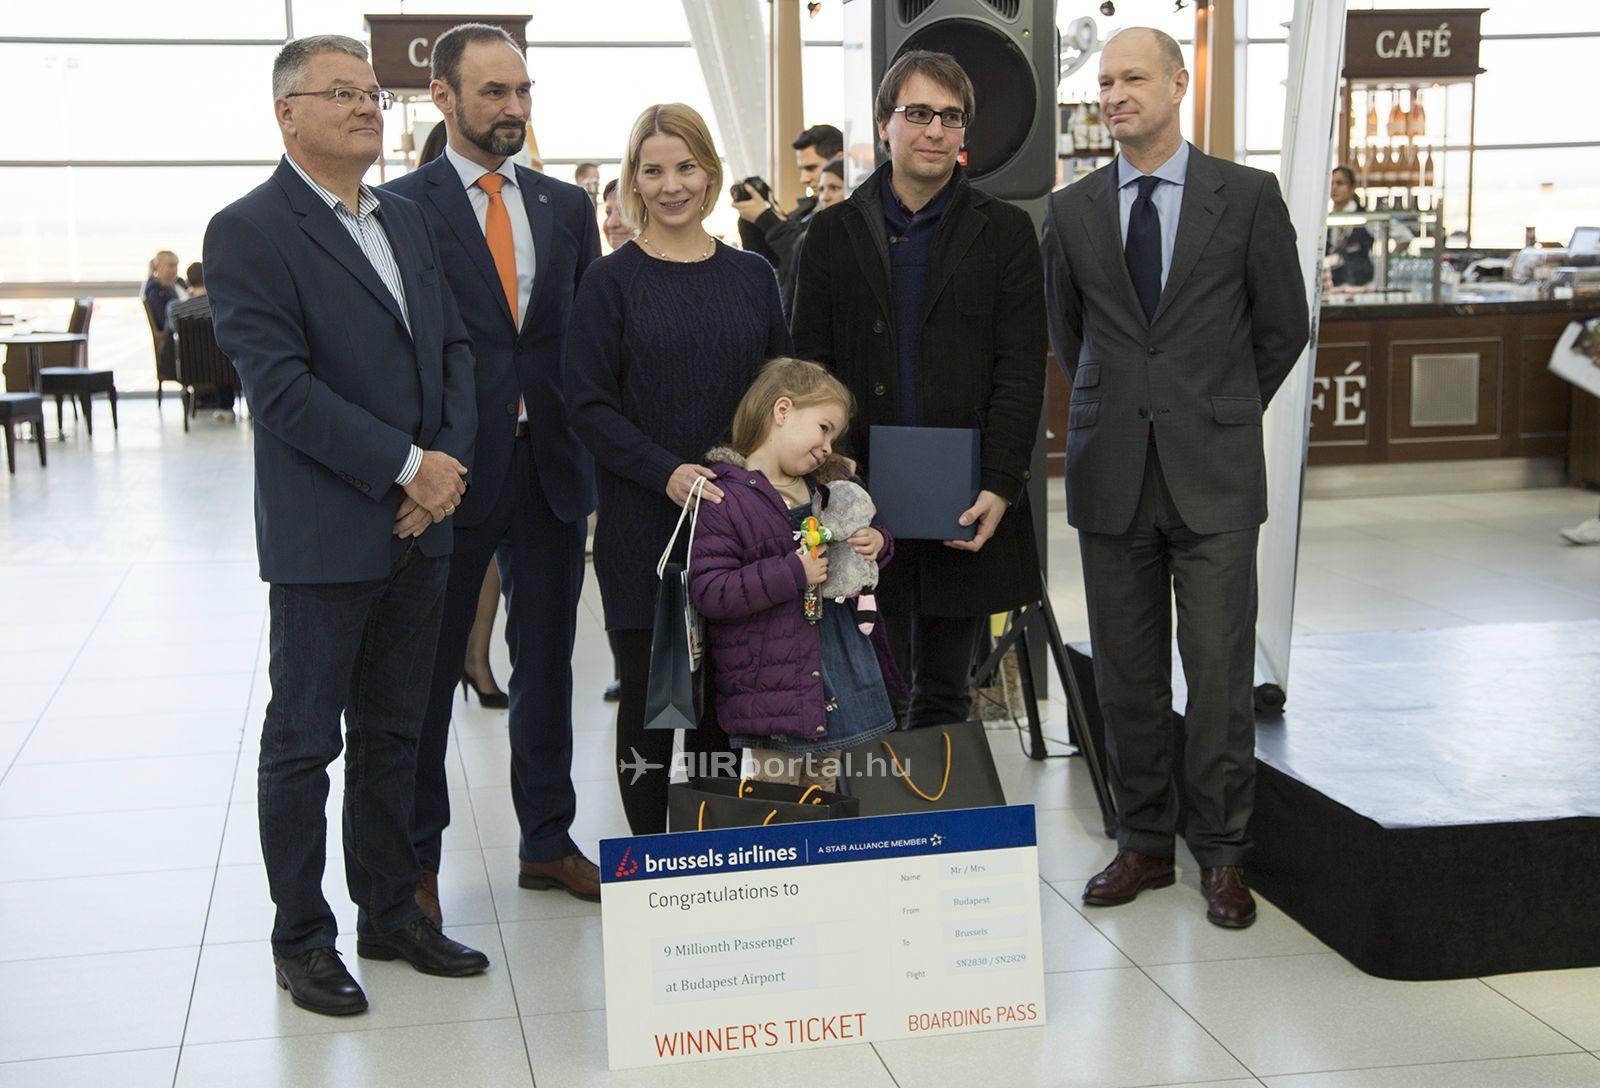 Ünnepi családkép a SkyCourt terminálban. (Fotó: AIRportal.hu) | © AIRportal.hu